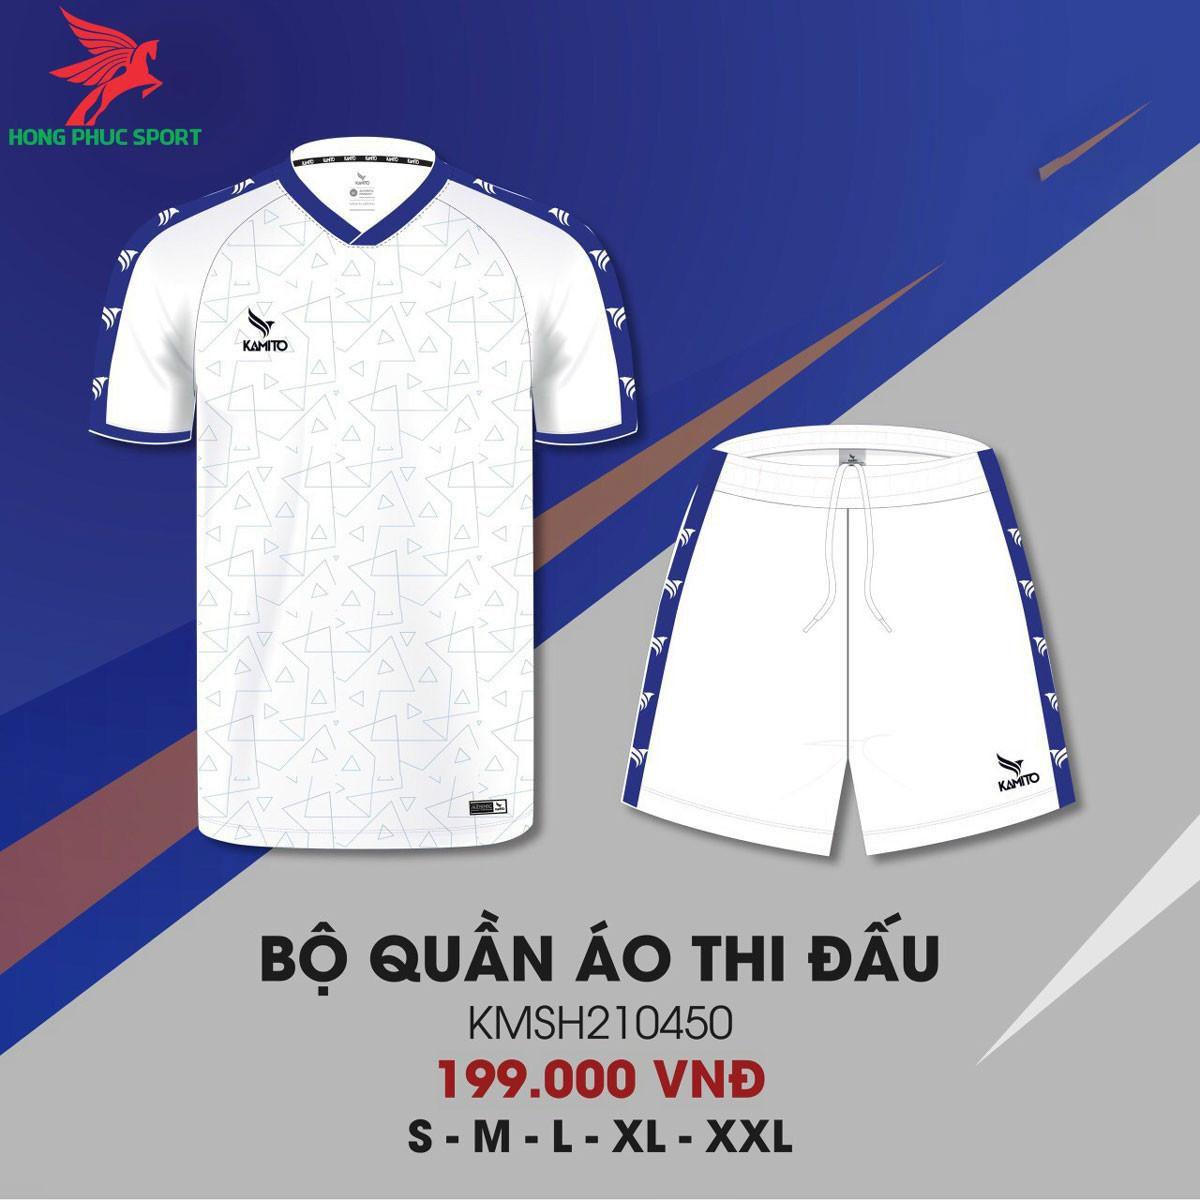 https://cdn.hongphucsport.com/unsafe/s4.shopbay.vn/files/285/ao-khong-logo-kamito-da-nang-2021-mau-trang-6052d841c86da.jpg